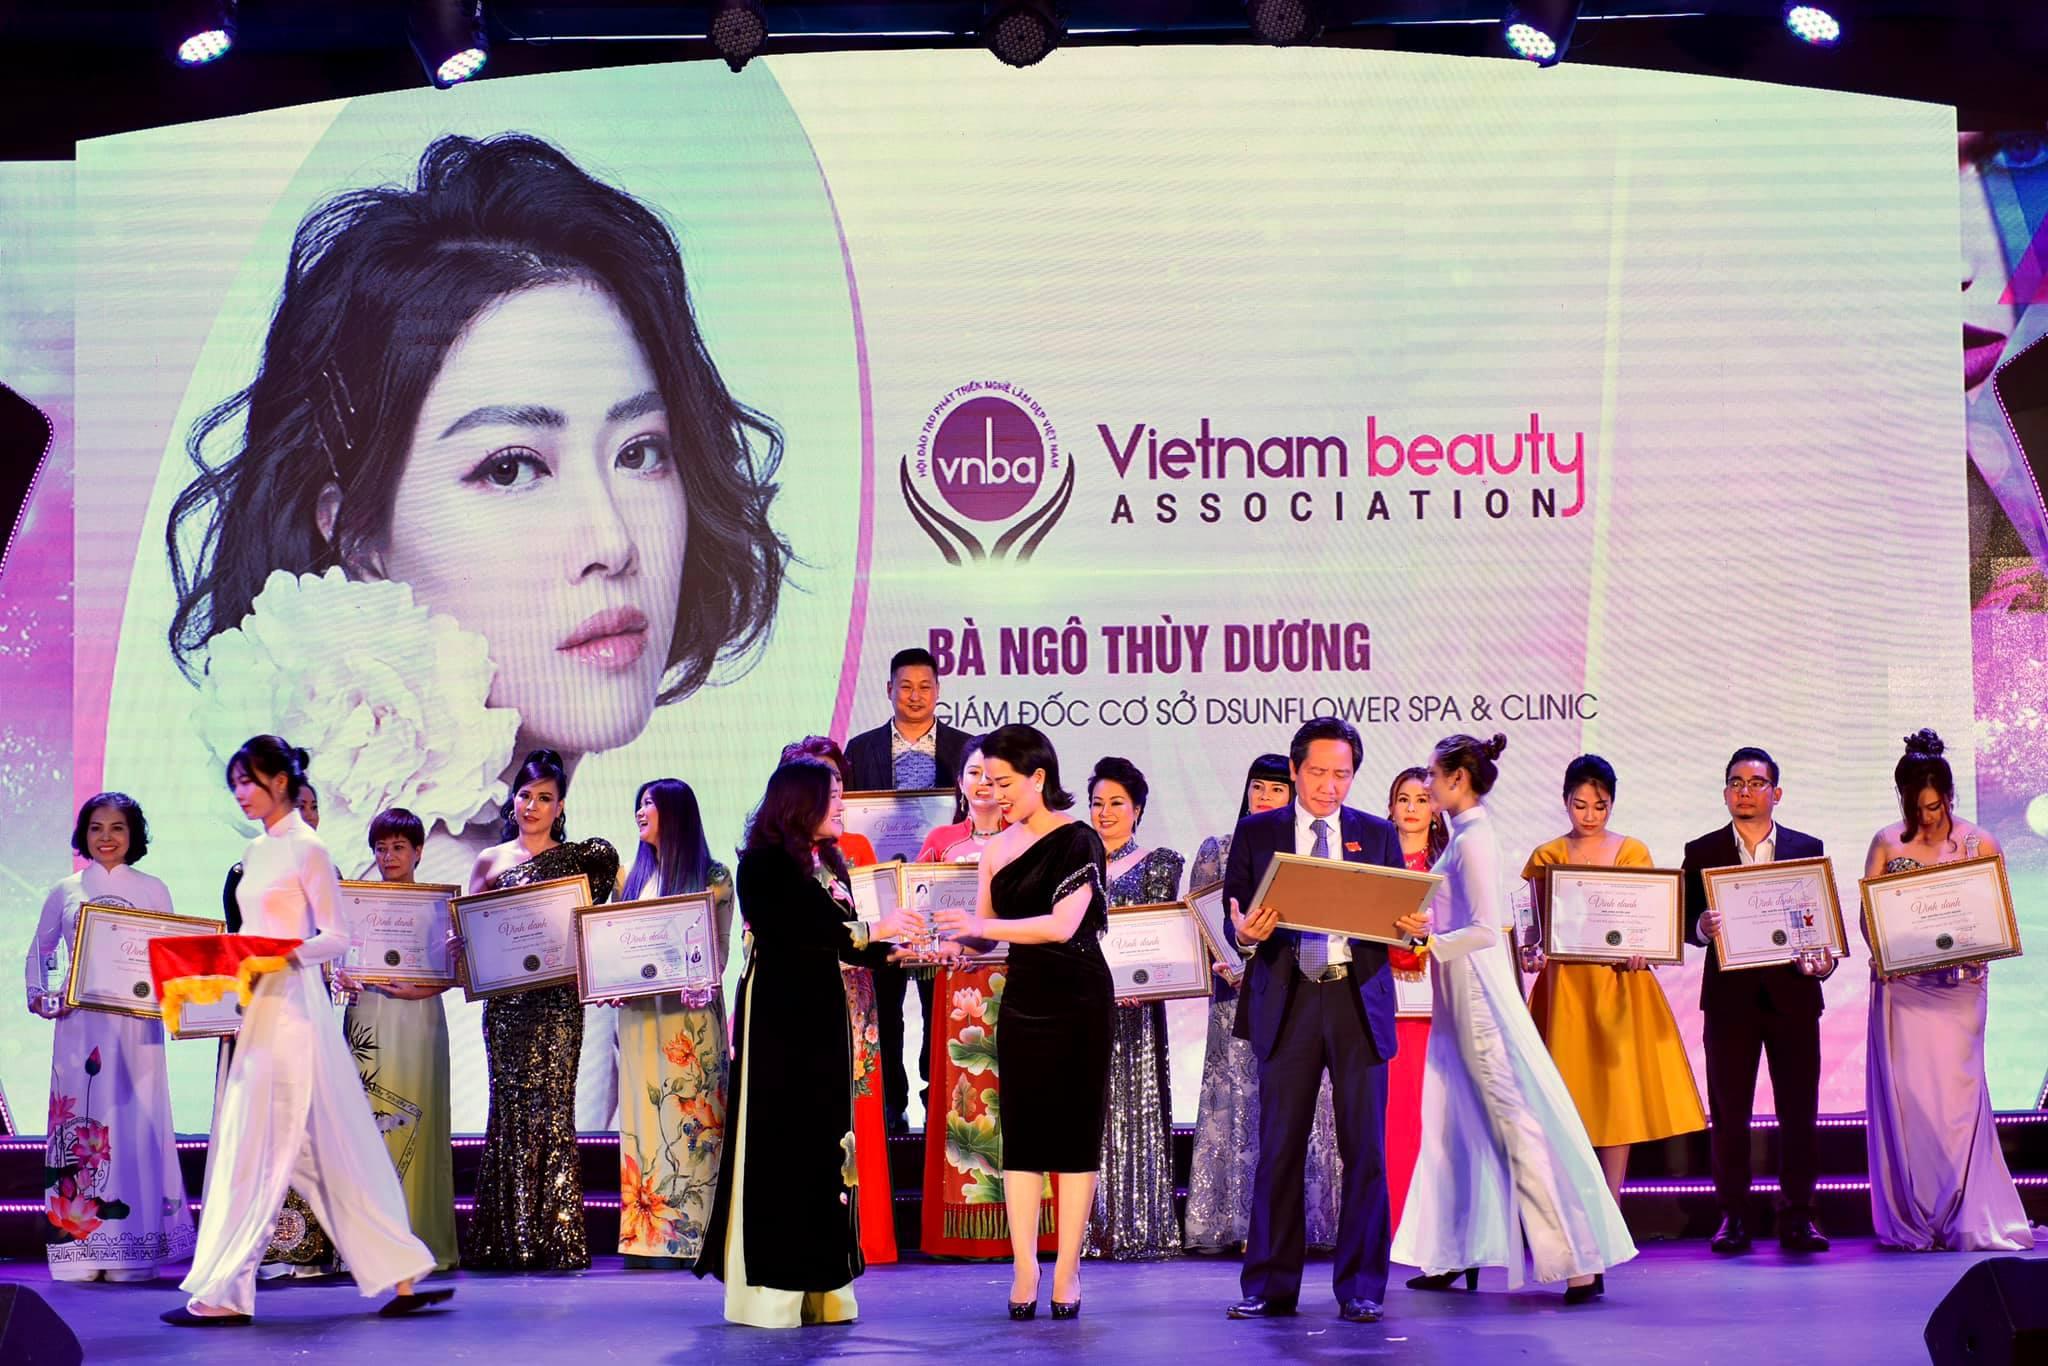 CEO Ngô Thùy Dương – hình mẫu người phụ nữ hiện đại bản lĩnh và thành công - Ảnh 4